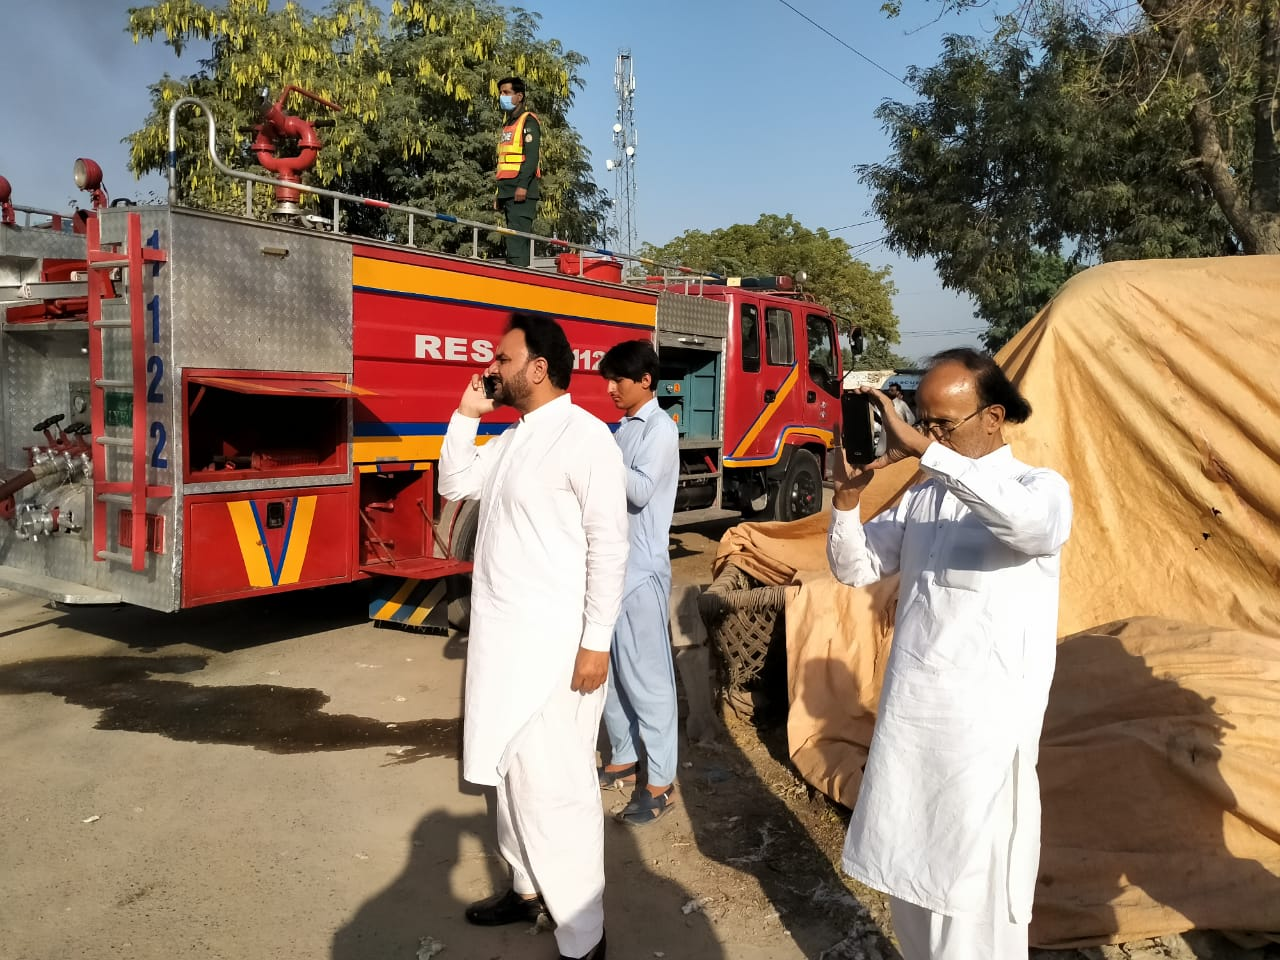 لیہ چوک اعظم میں موجود غلہ منڈی میں آگ کے شولے